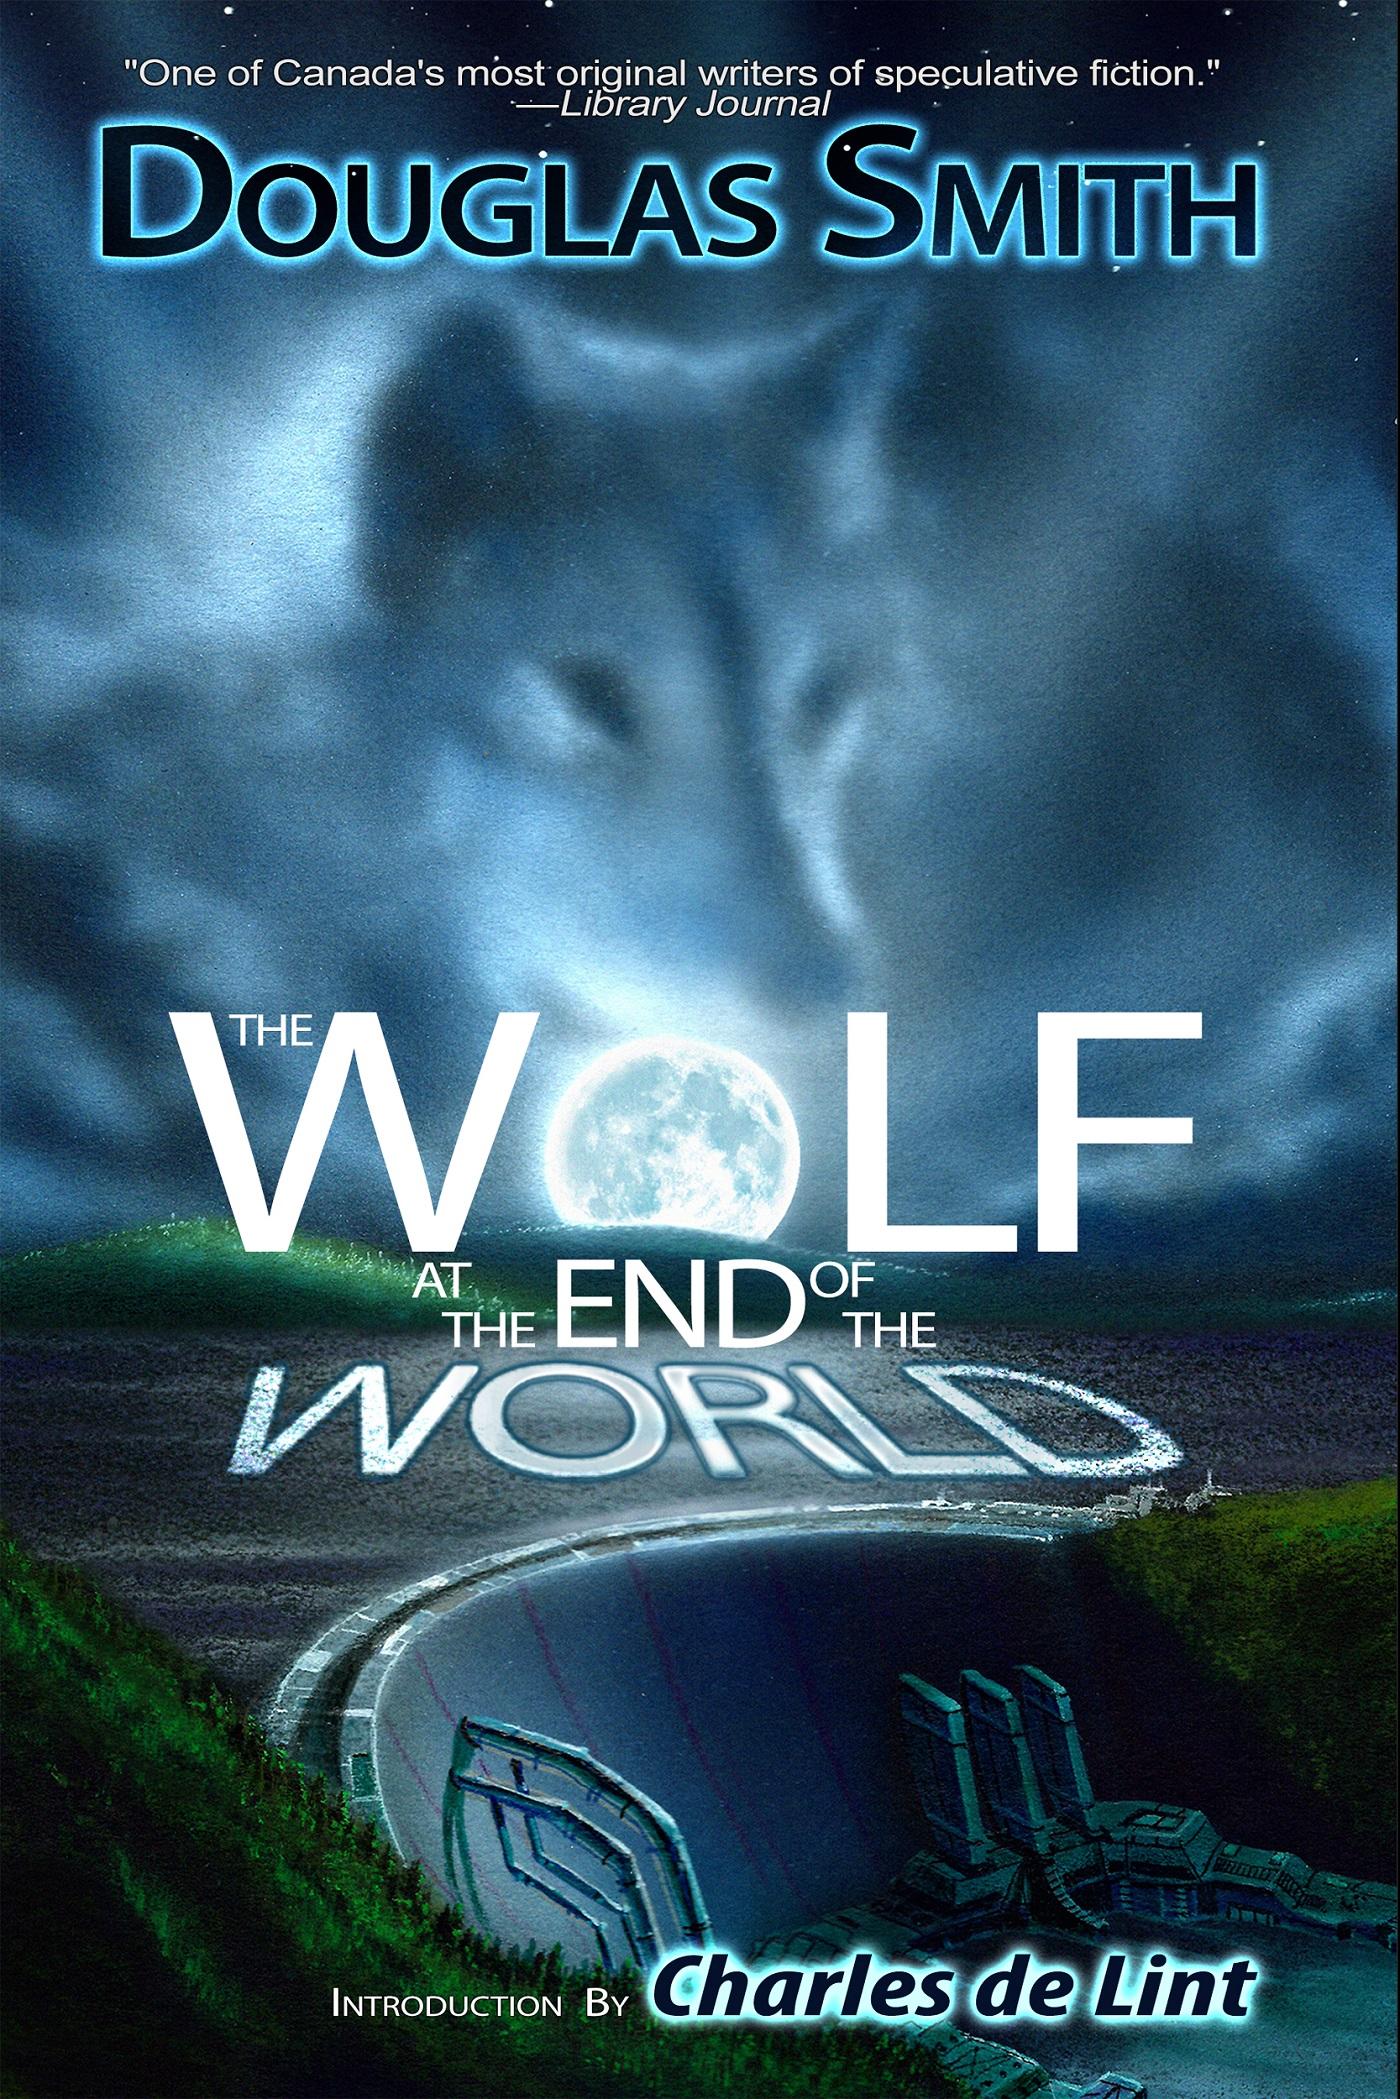 Thewolfattheendoftheworld 1400x2099